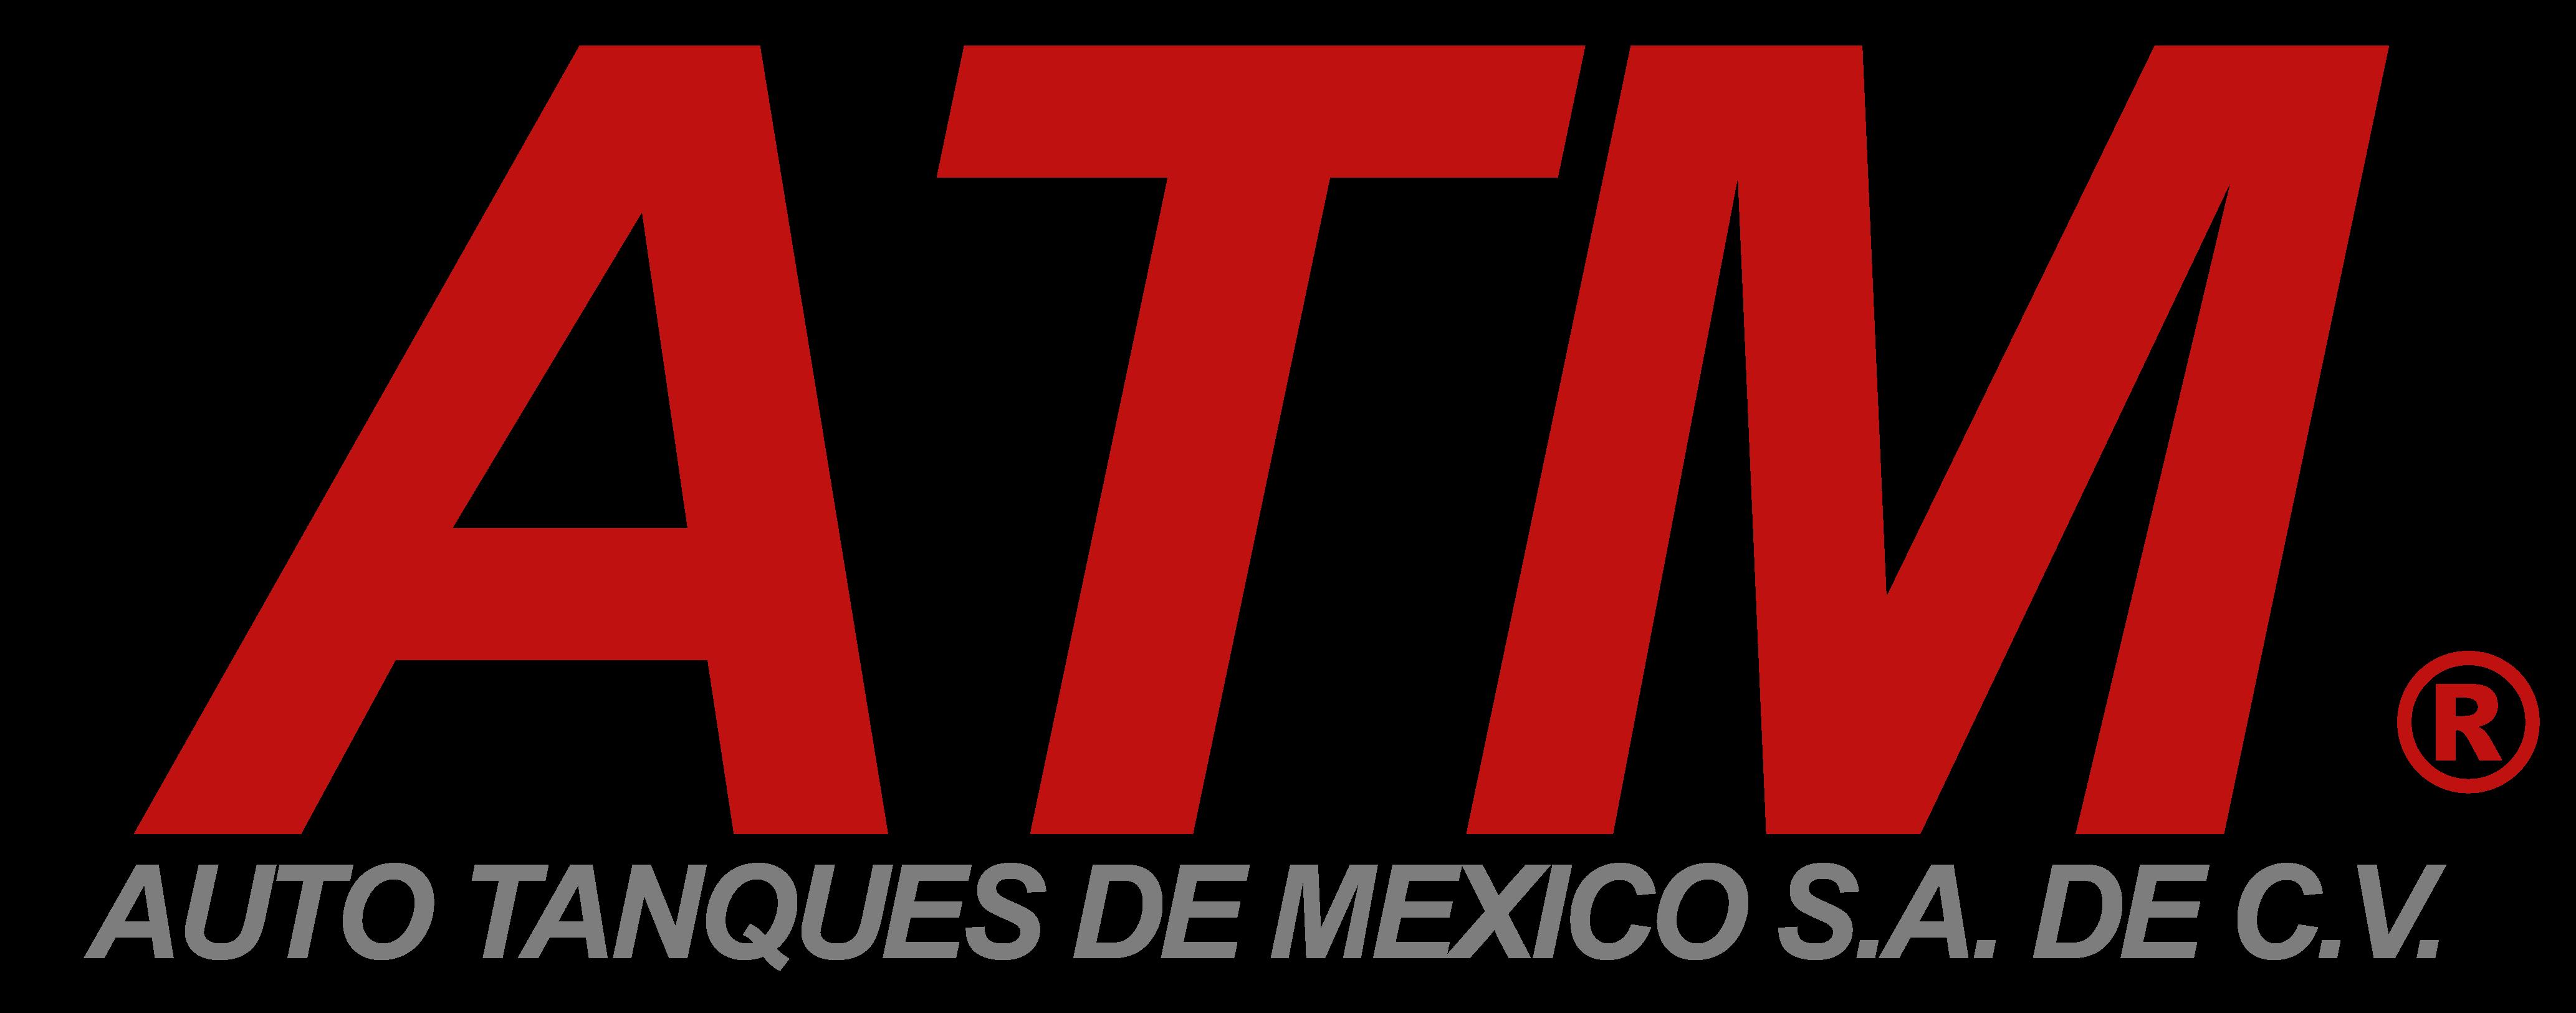 Auto Tanques de México, S.A. de C.V.